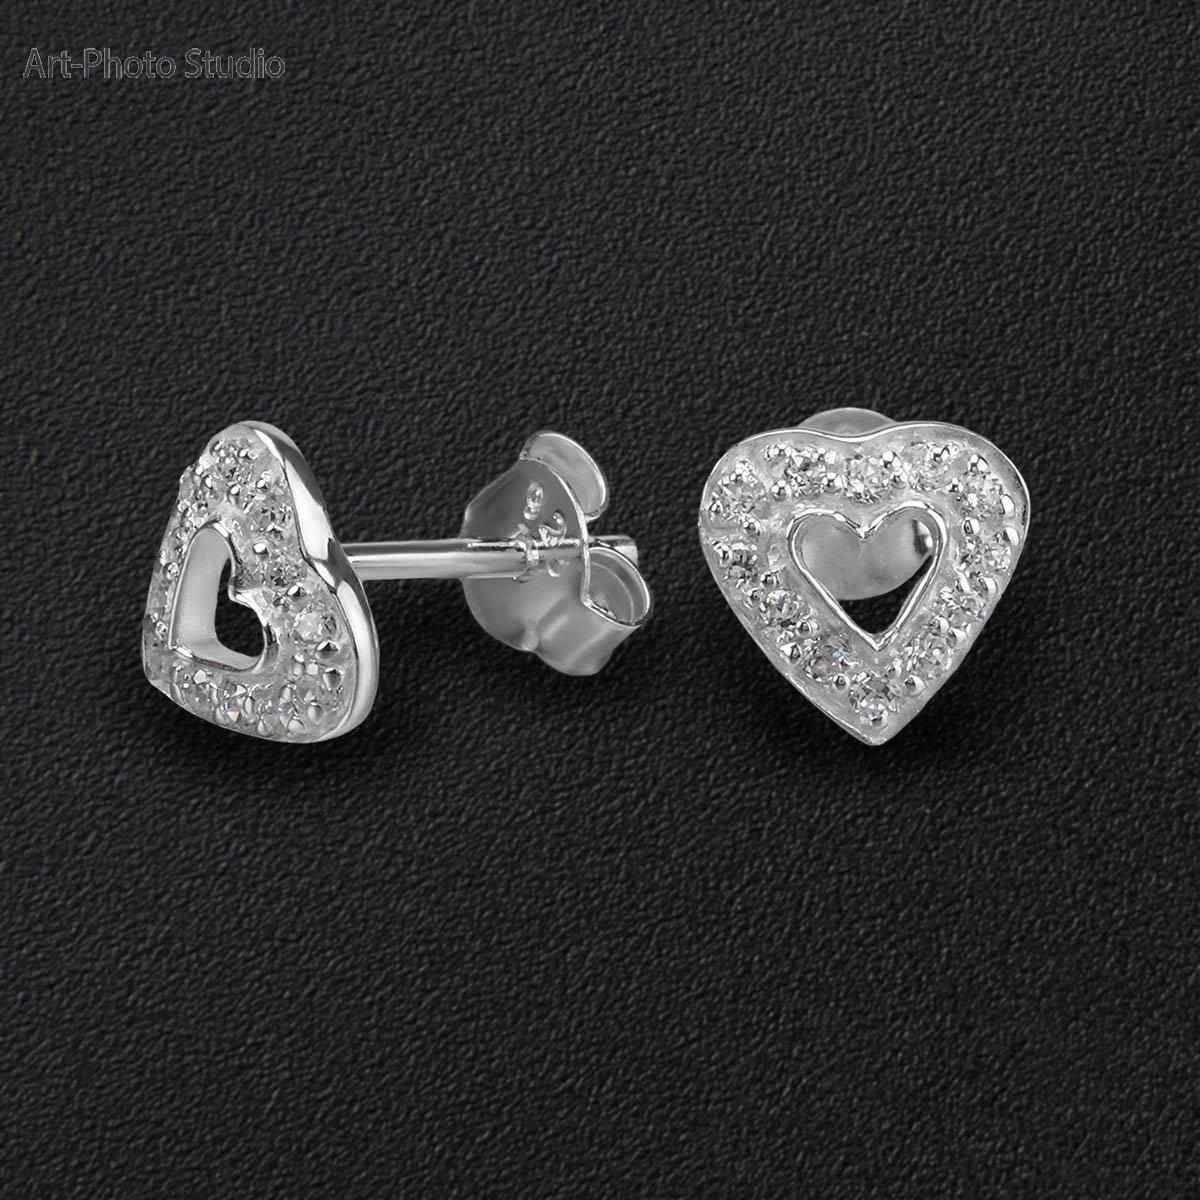 фото ювелирных украшений - серьги-гвоздики из серебра на черном фоне